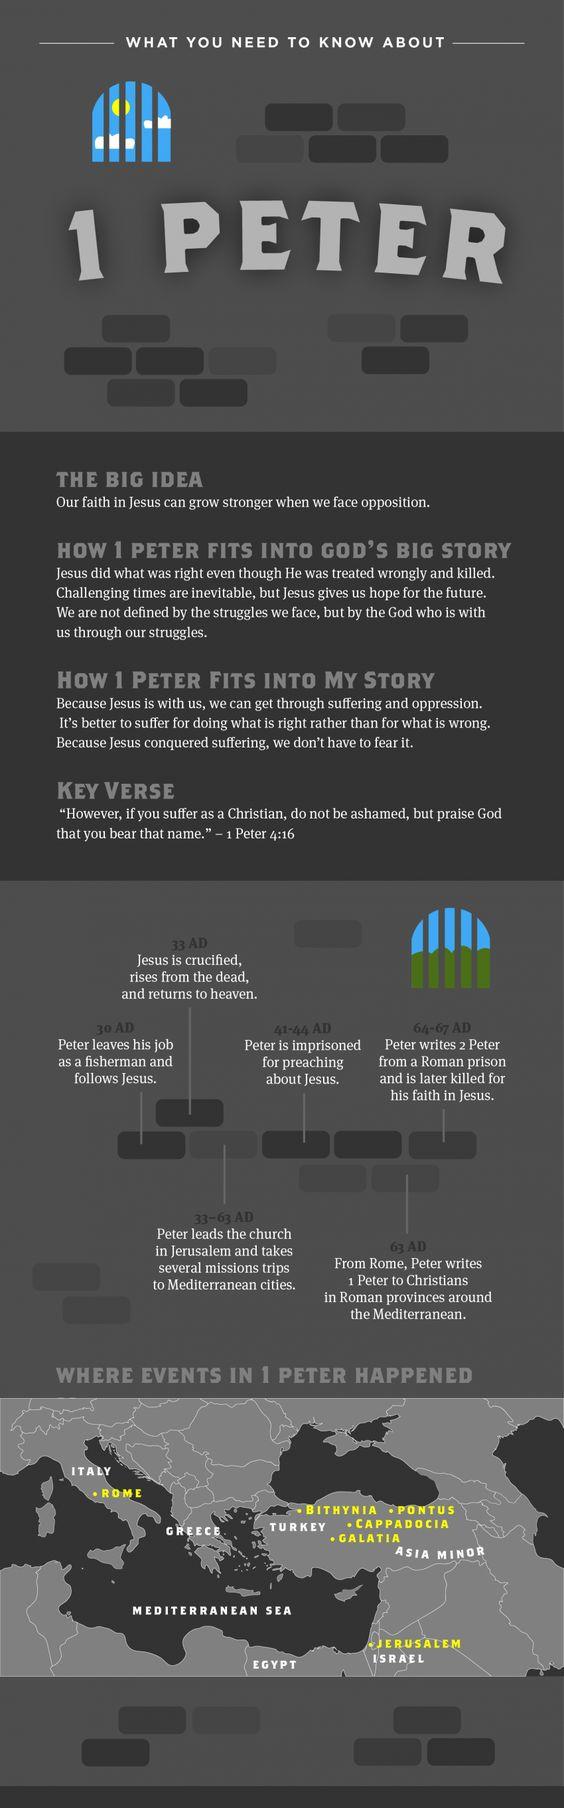 1 Peter | Articles | NewSpring Church